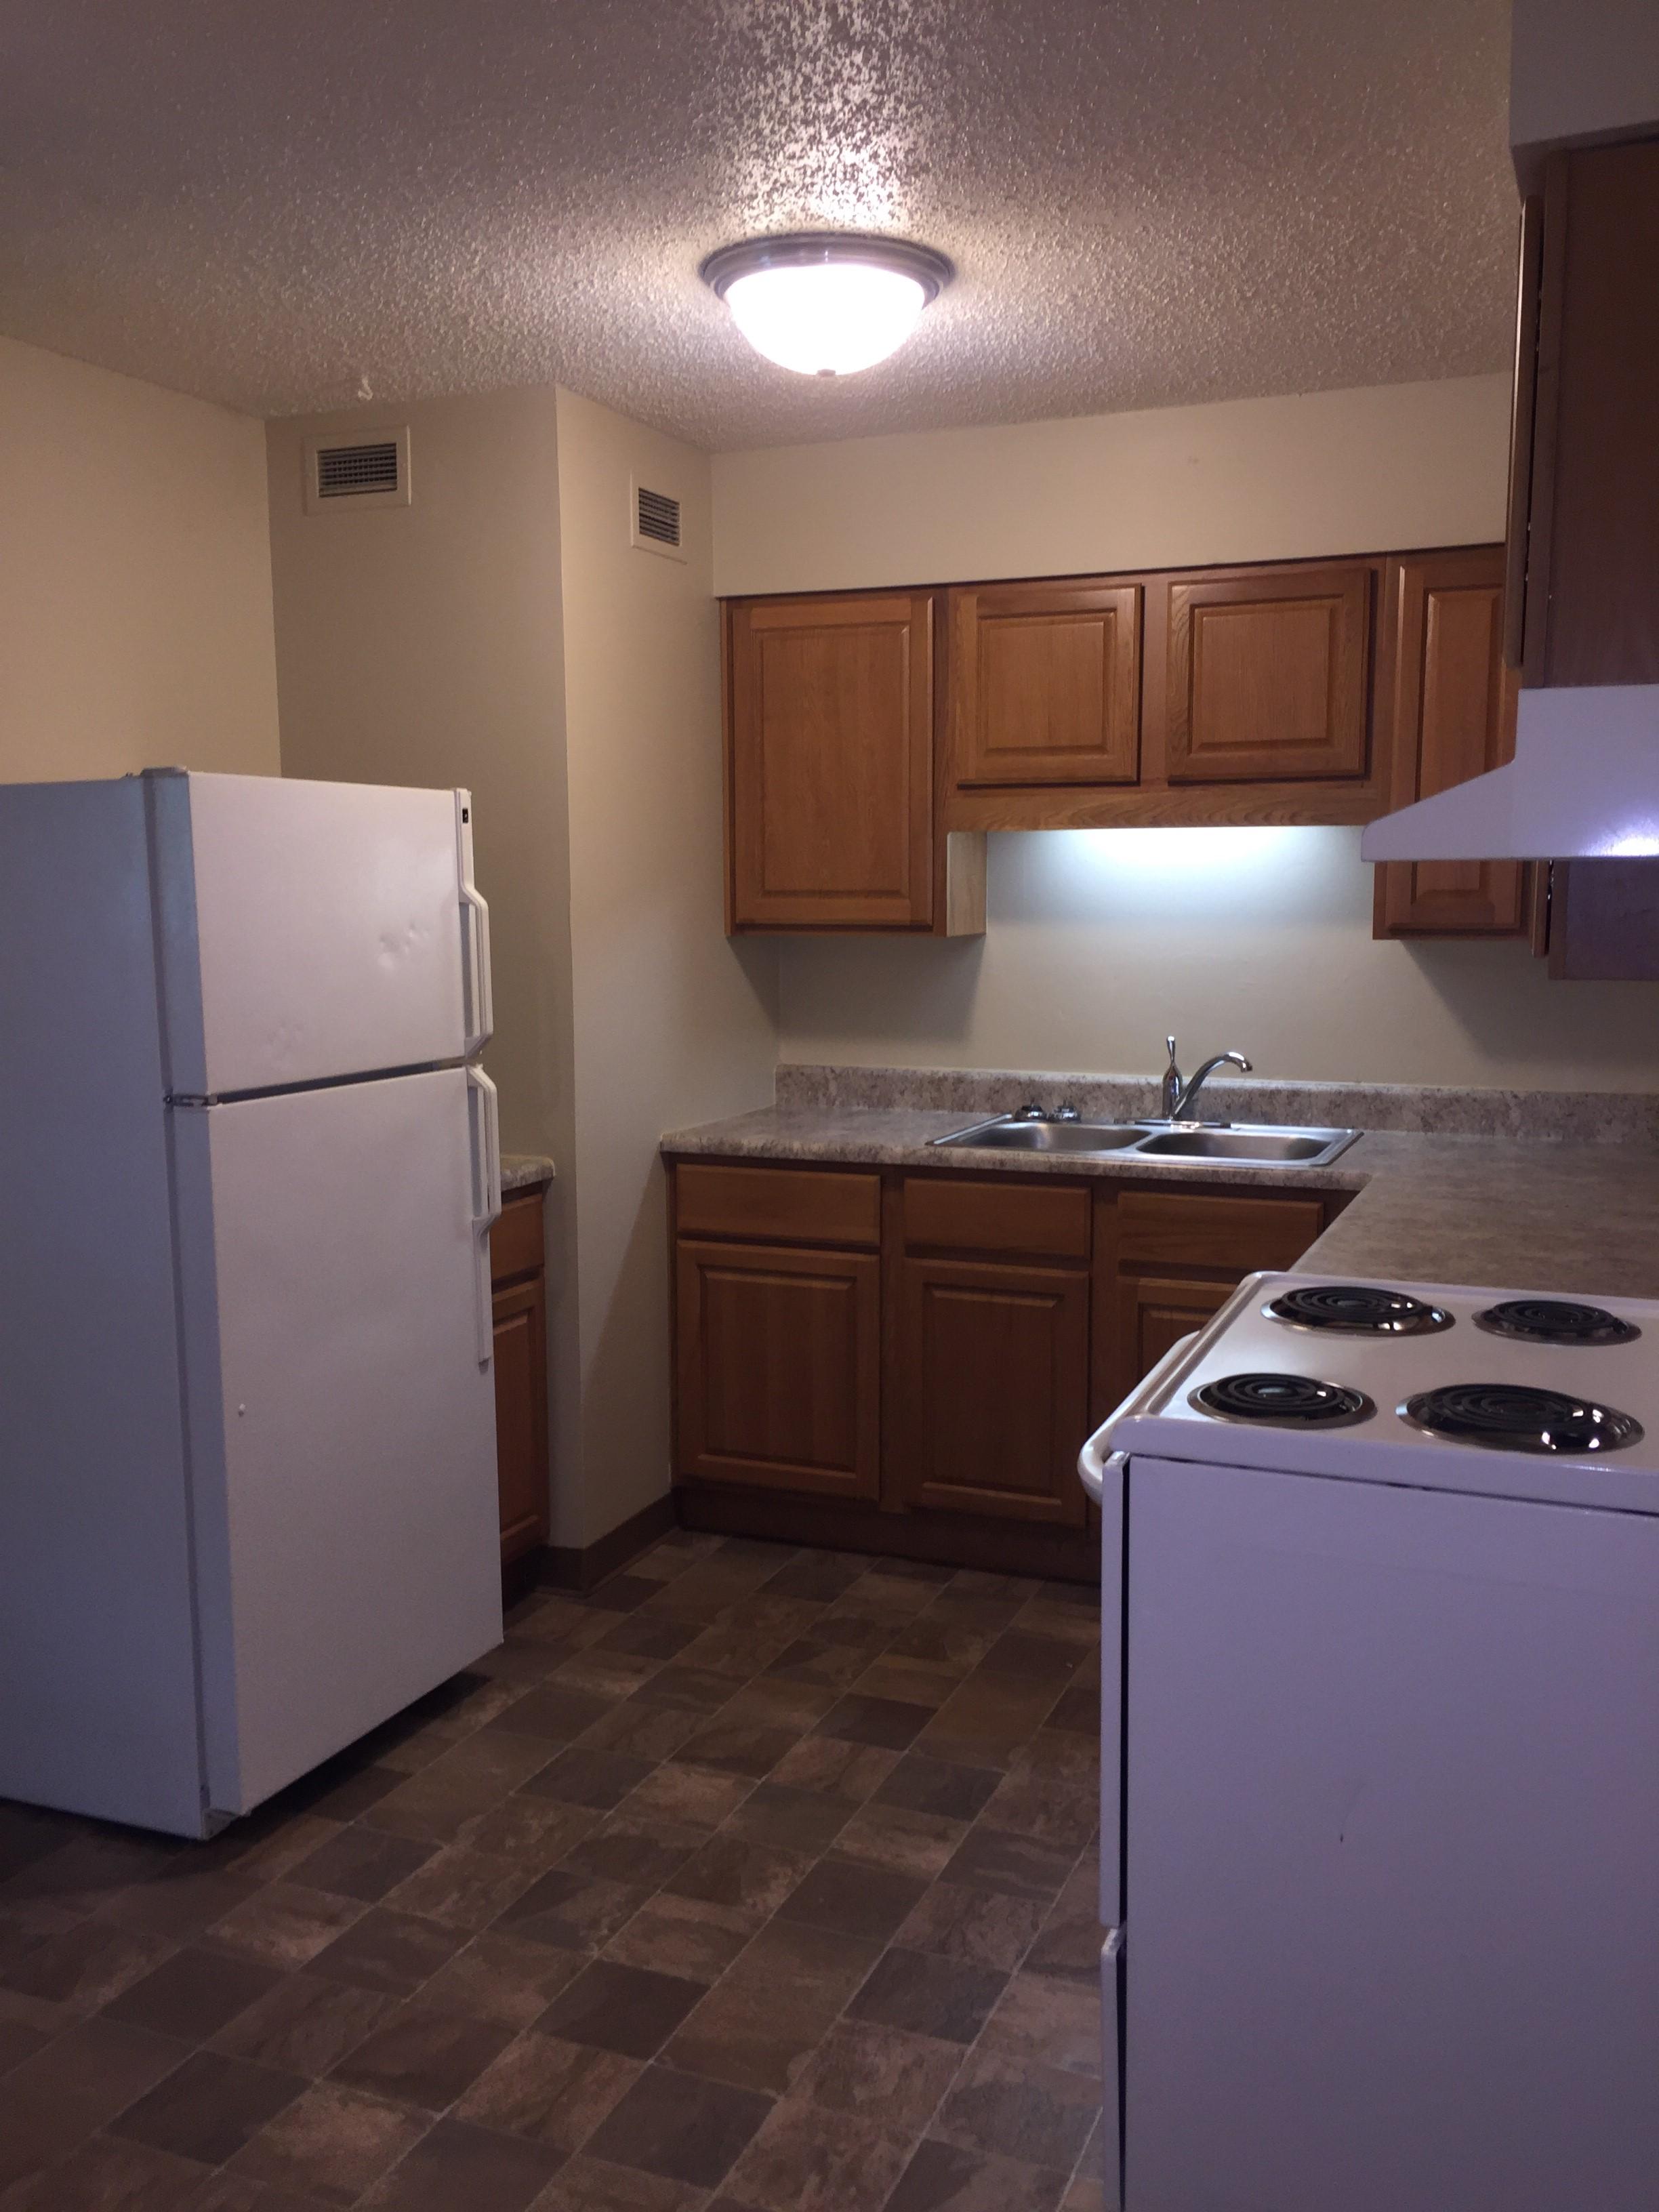 Southwest Apartments